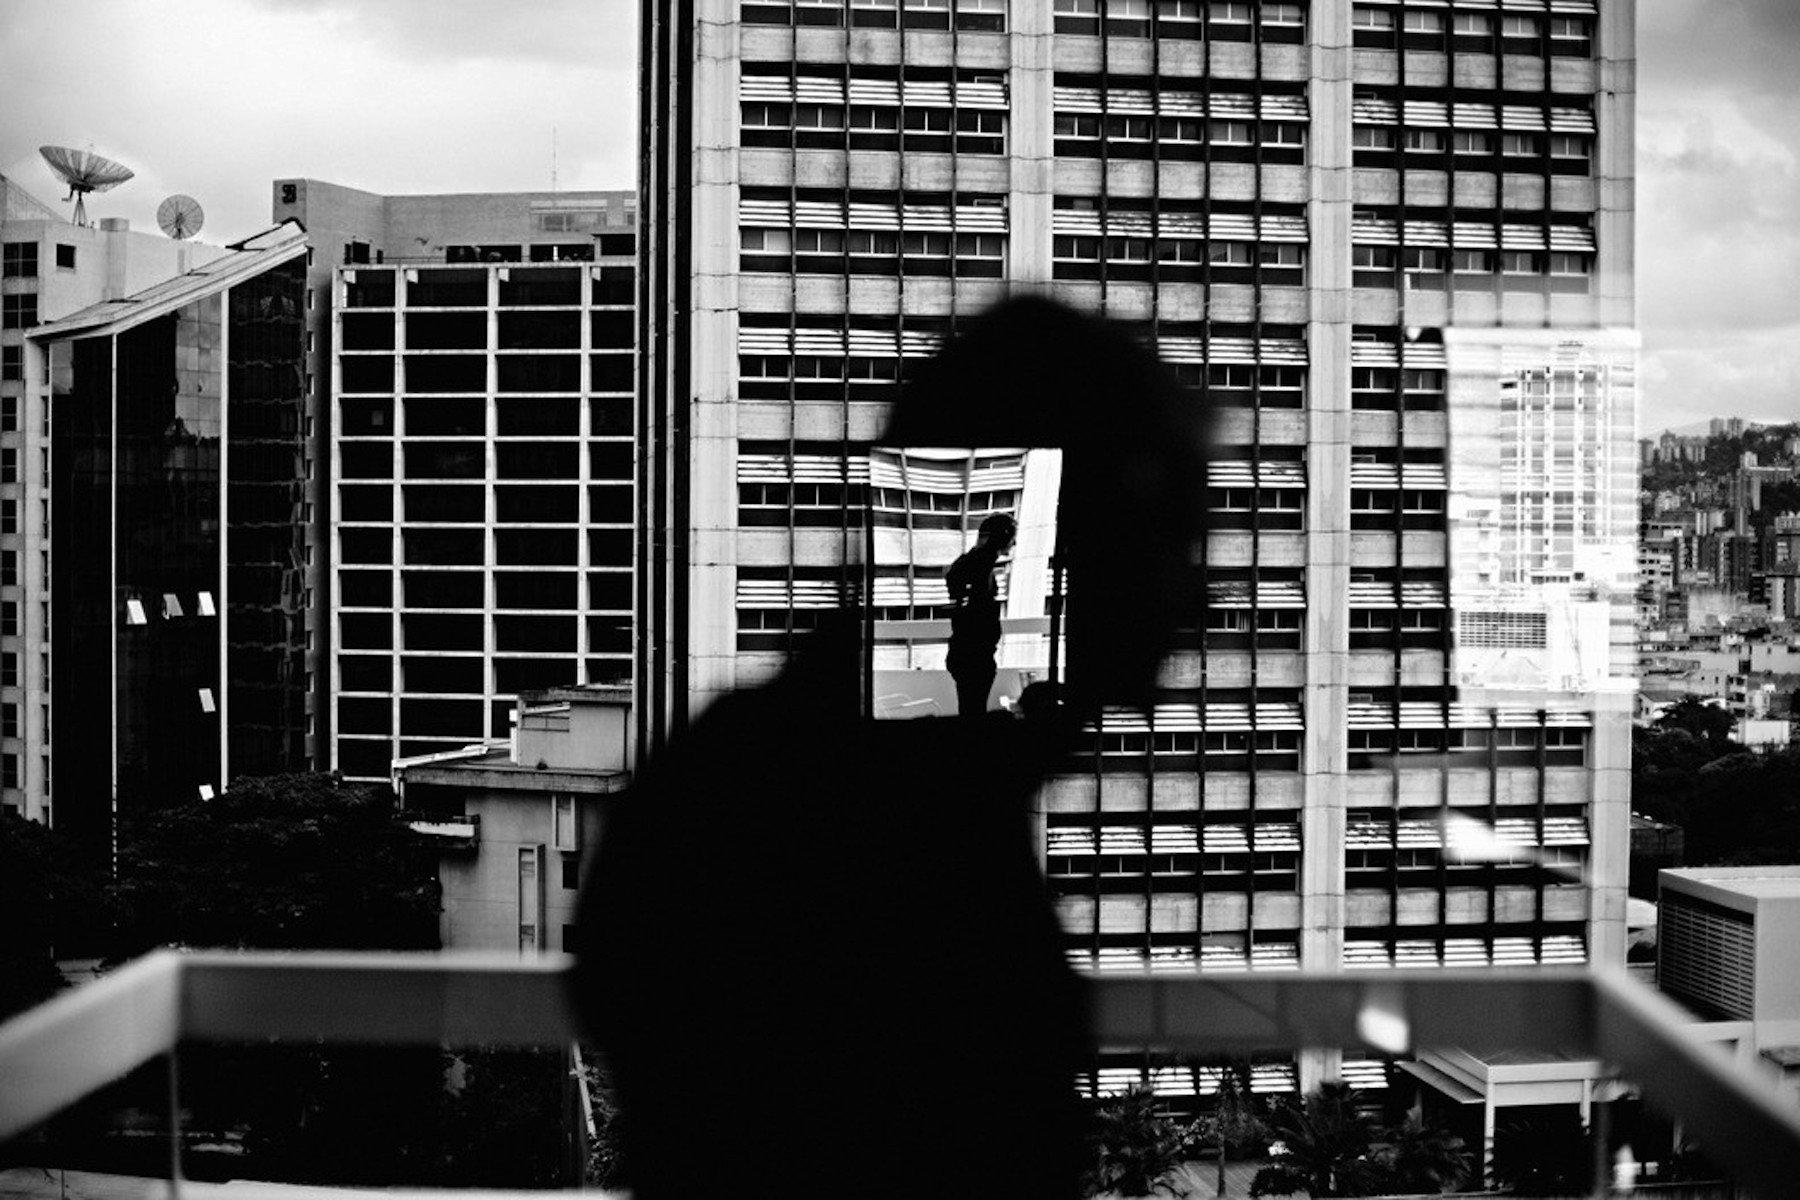 VENEZUELA. Caracas. 2006. Reflection in window in Altamira.